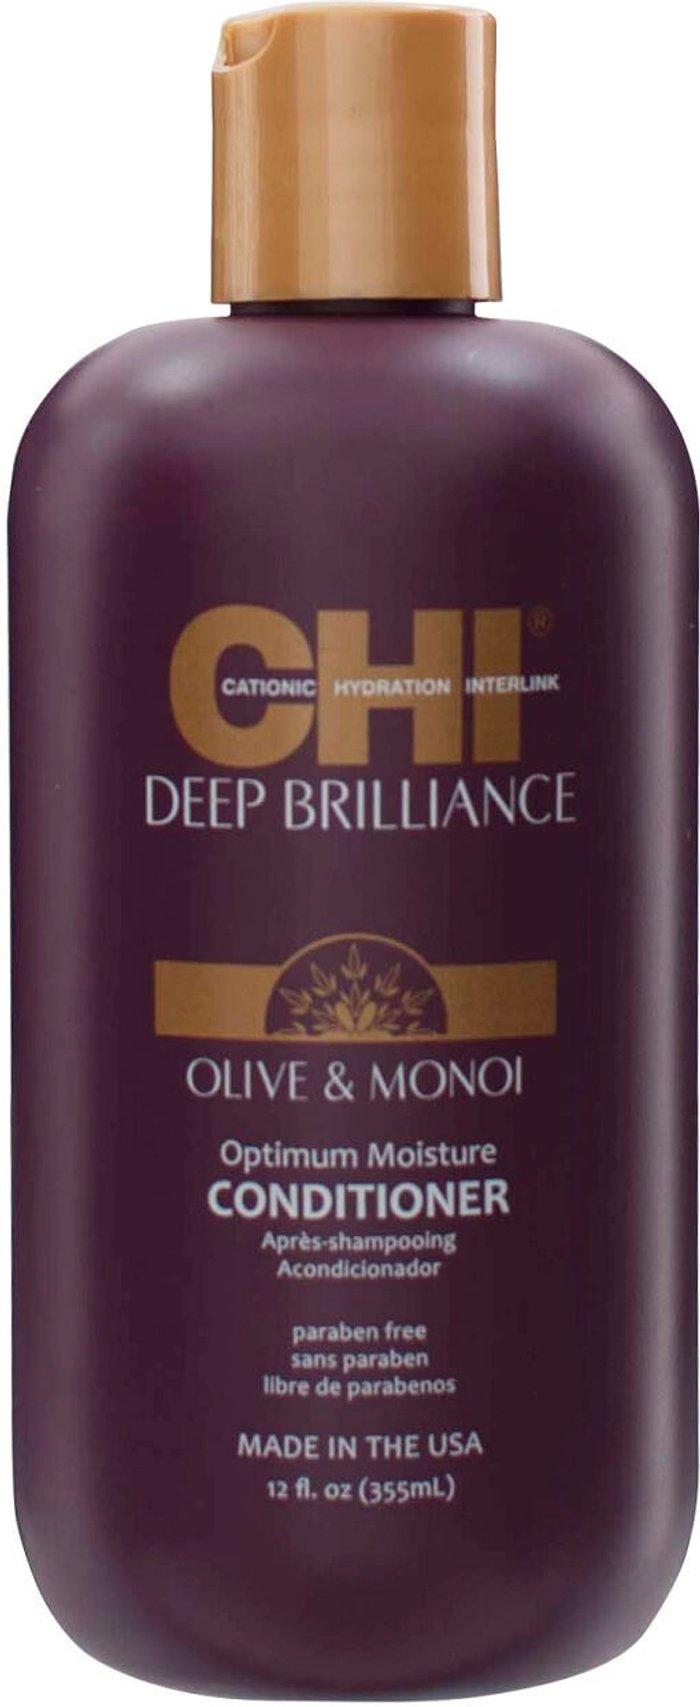 CHI CHI Deep Brilliance Optimum Moisture Conditioner (355ml)